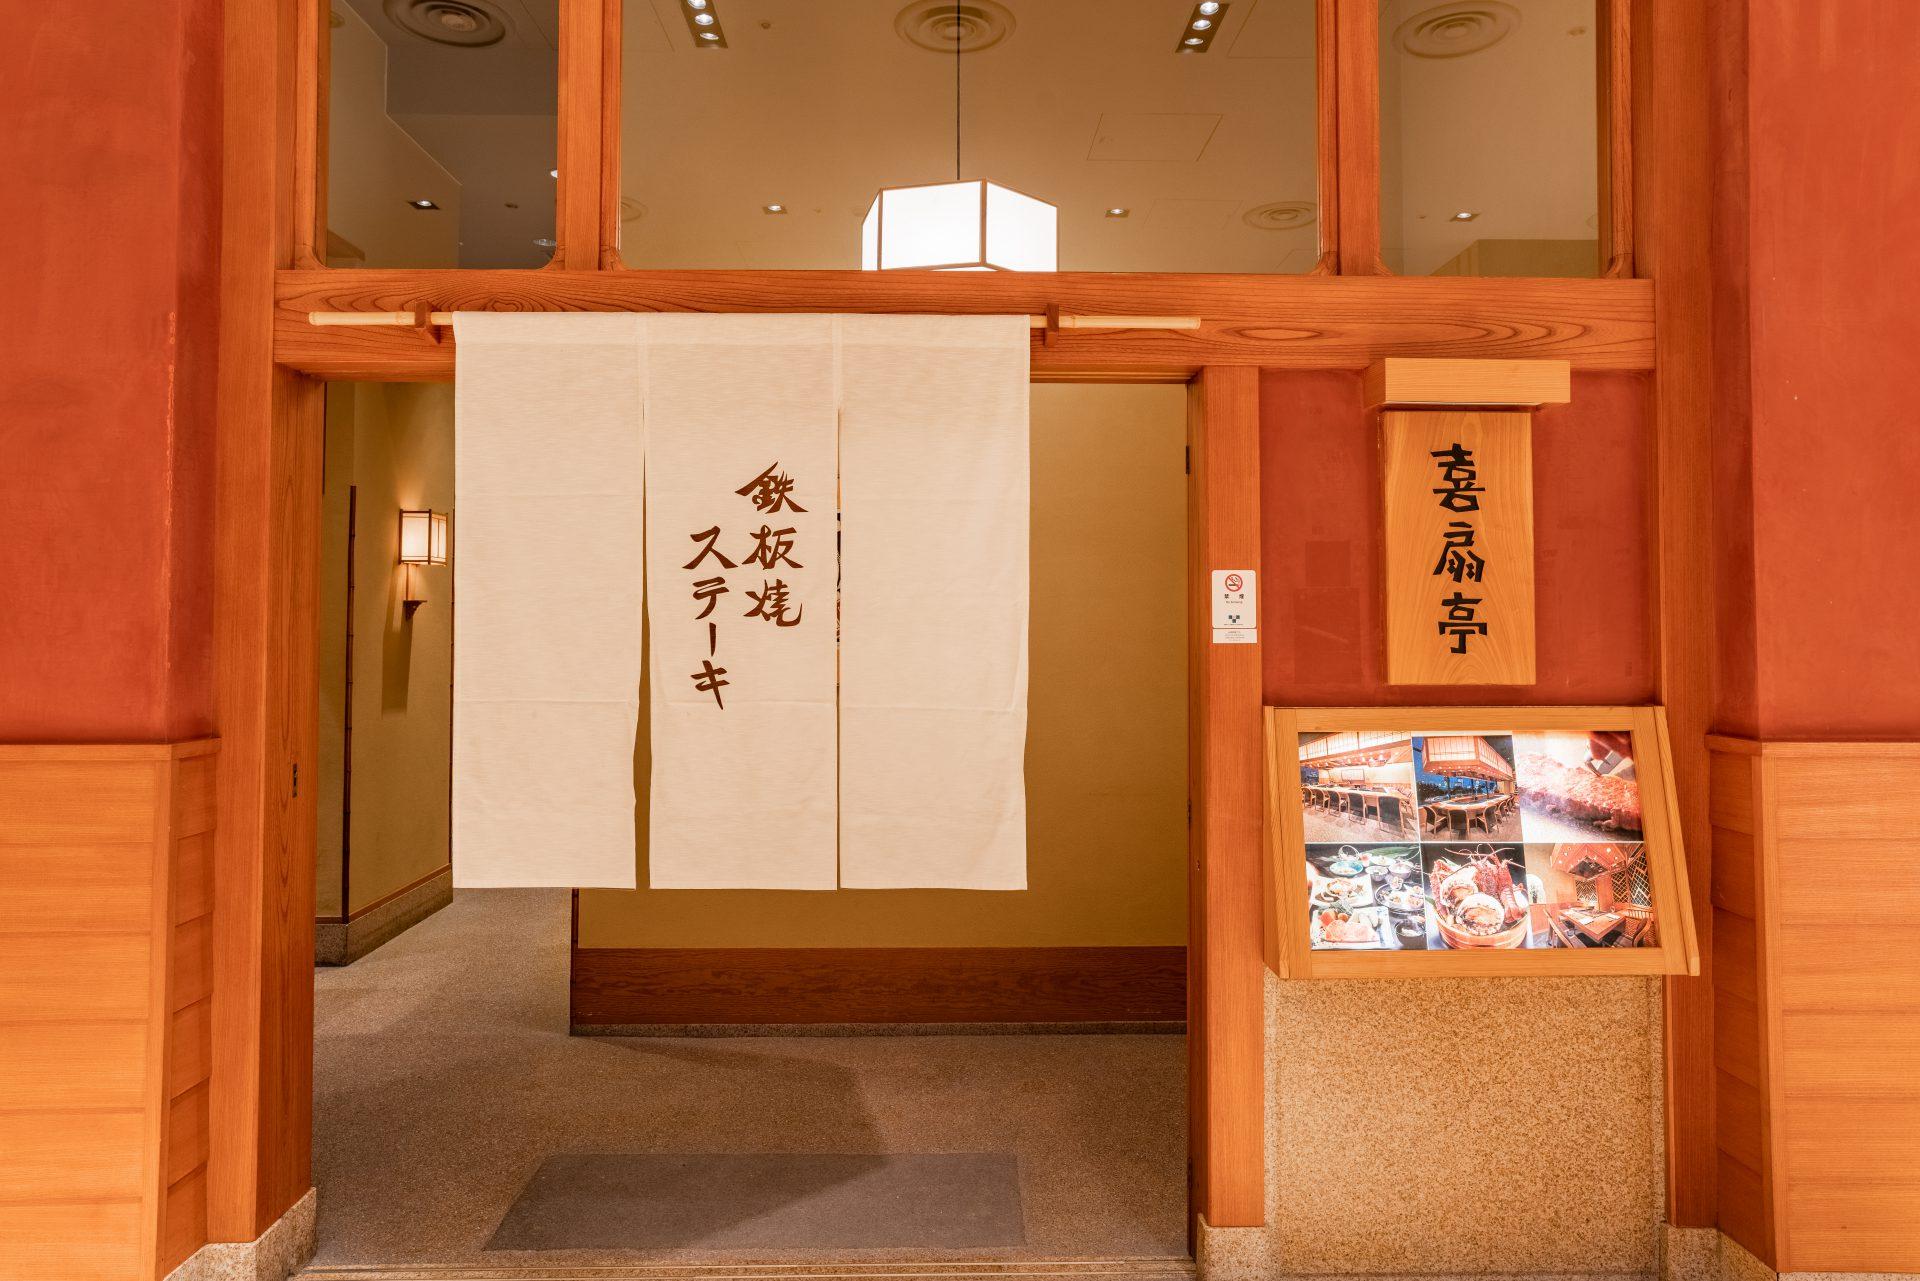 喜扇亭 東京ミッドタウン店